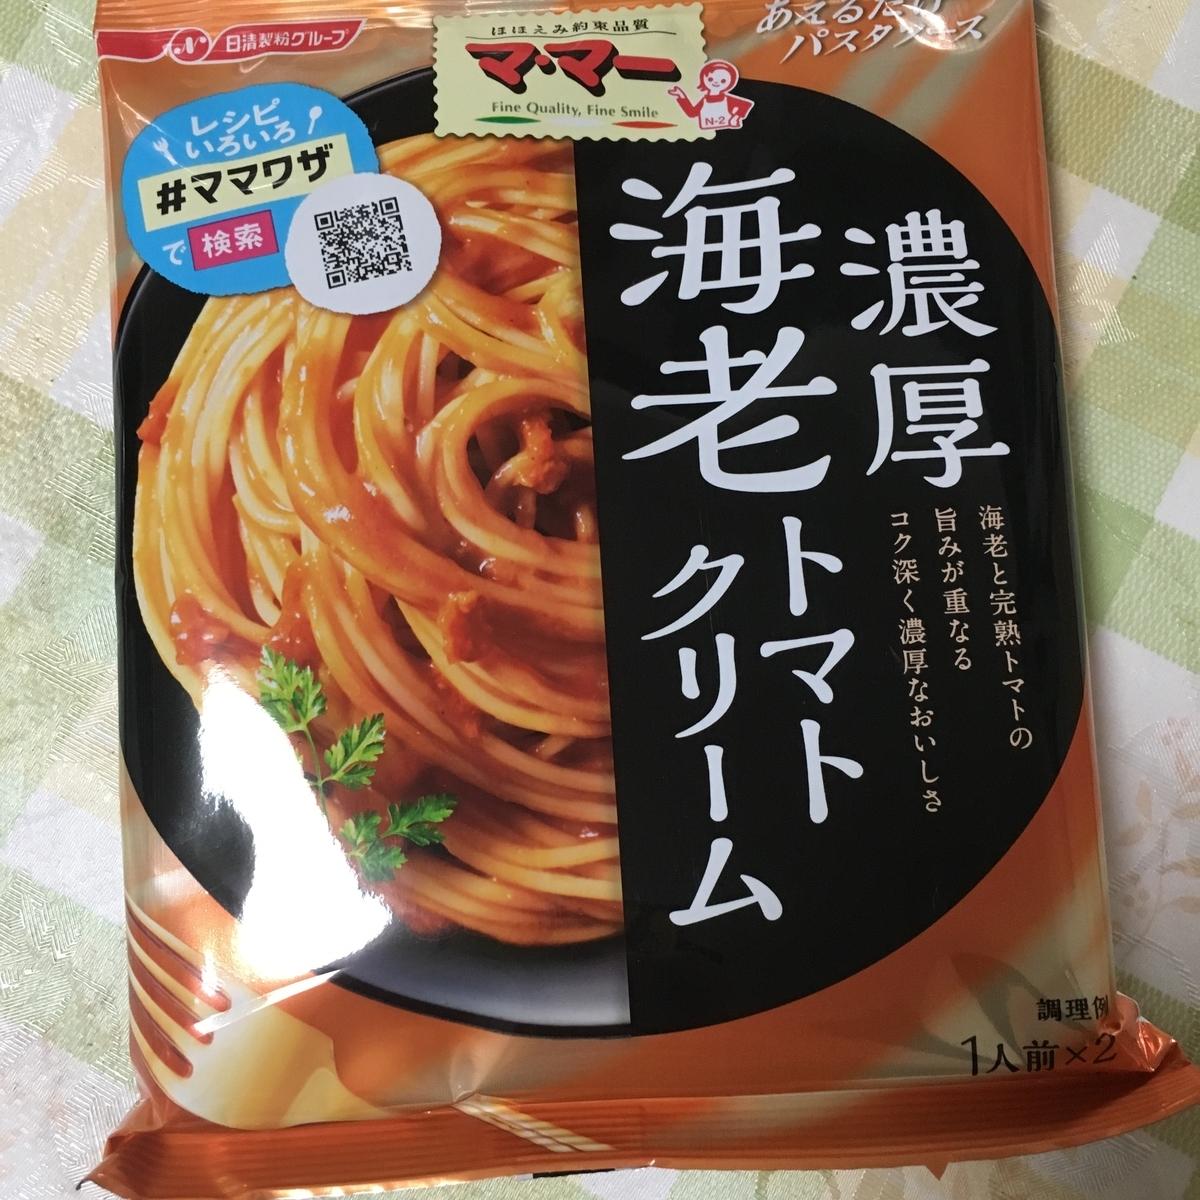 マ・マー 濃厚海老トマトクリーム